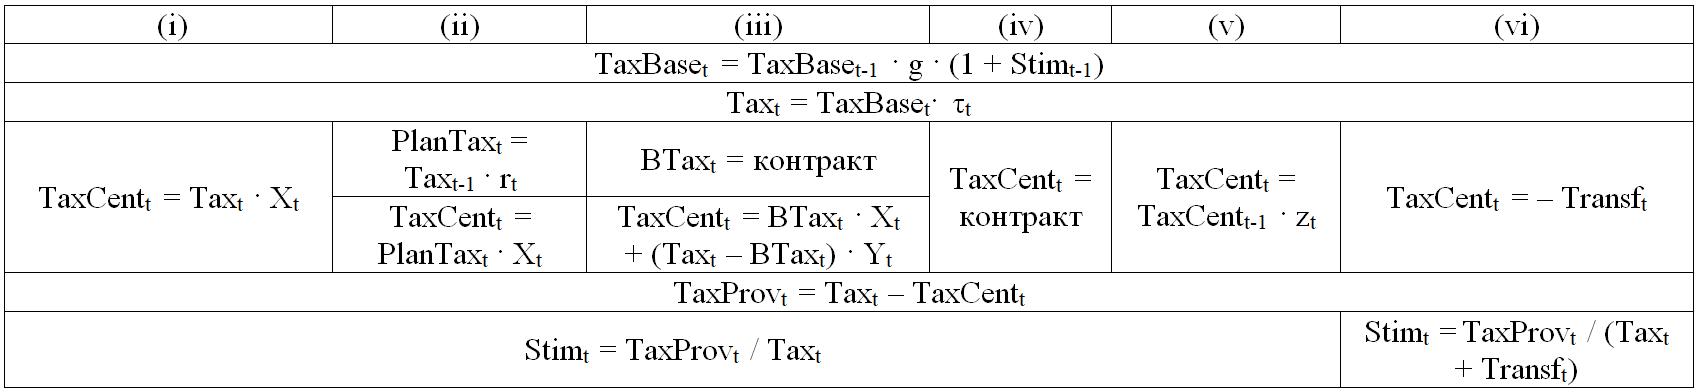 Таблица 4. Формализация схем межбюджетных отношений Китая